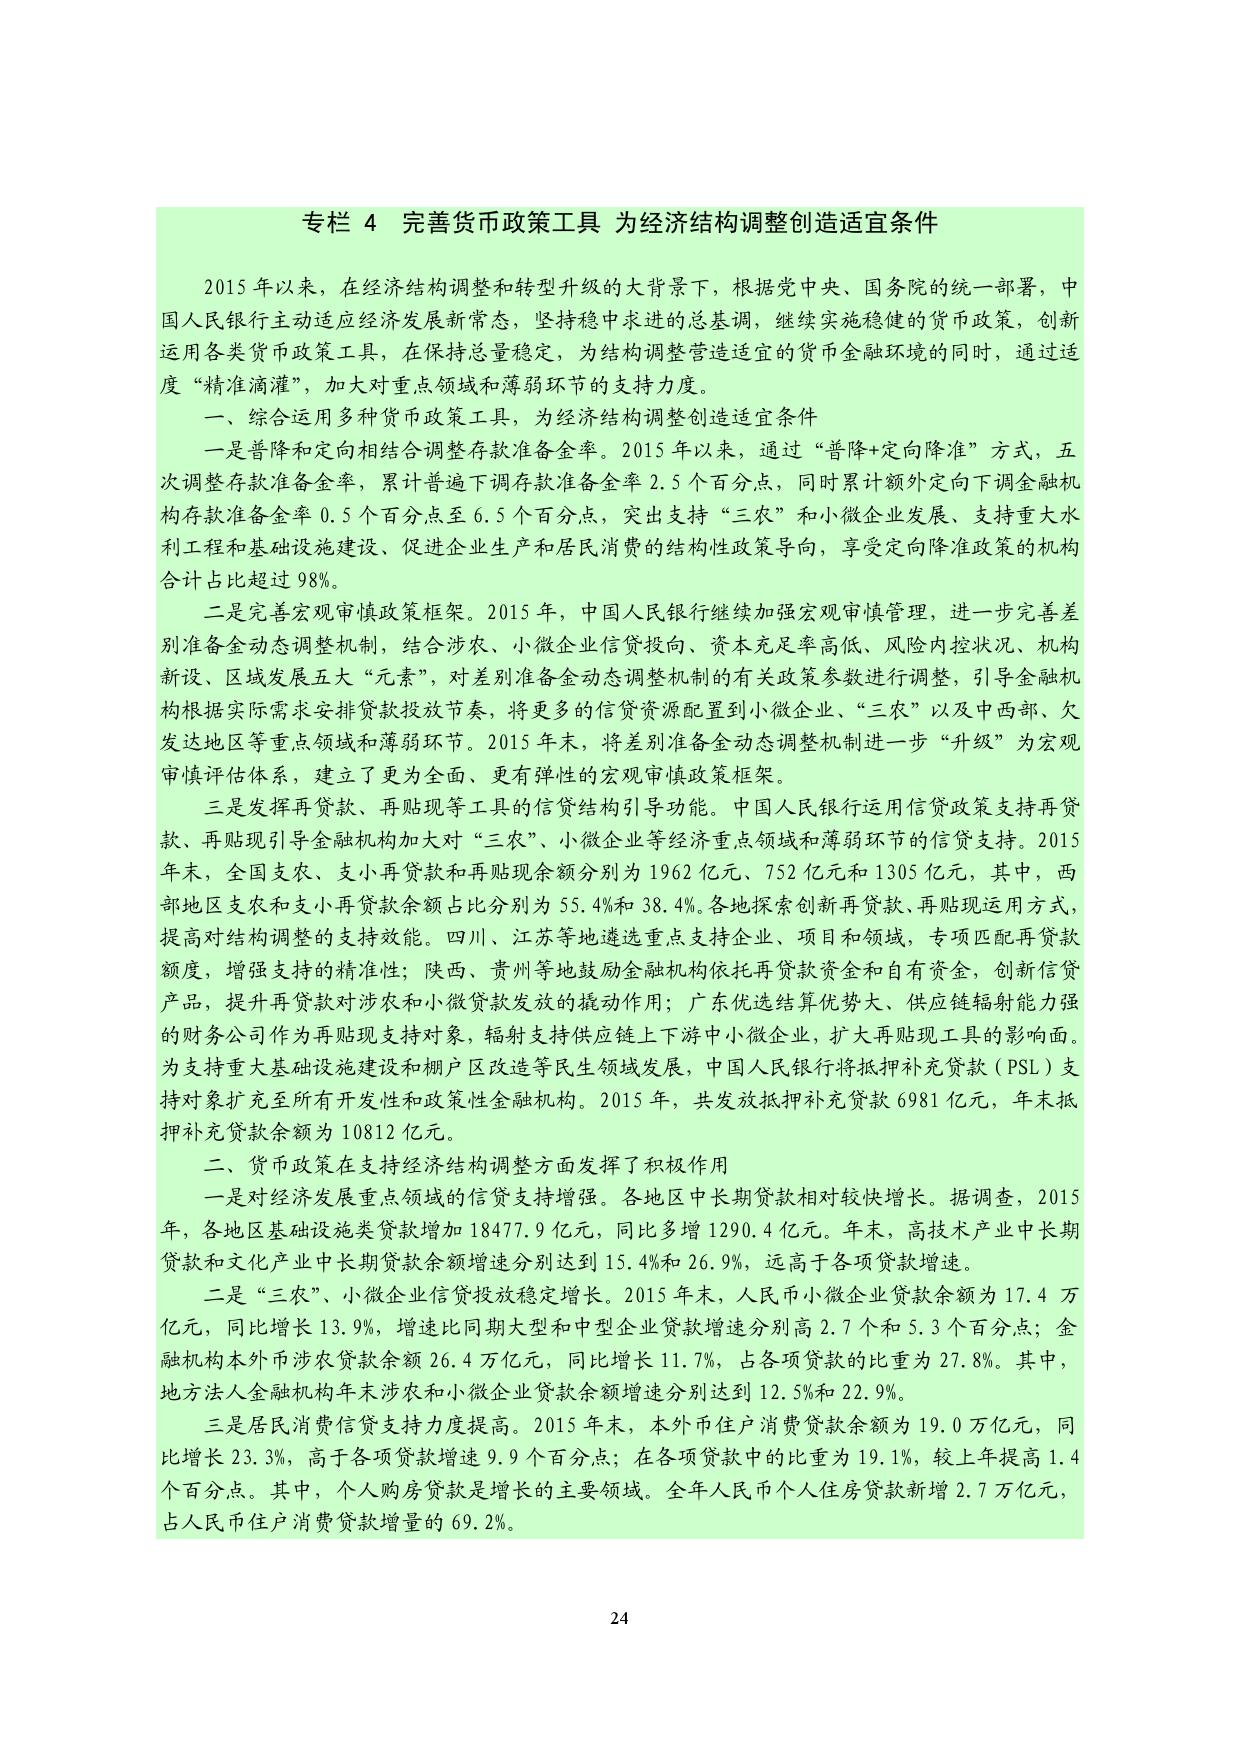 2015年中国区域金融运行报告_000027